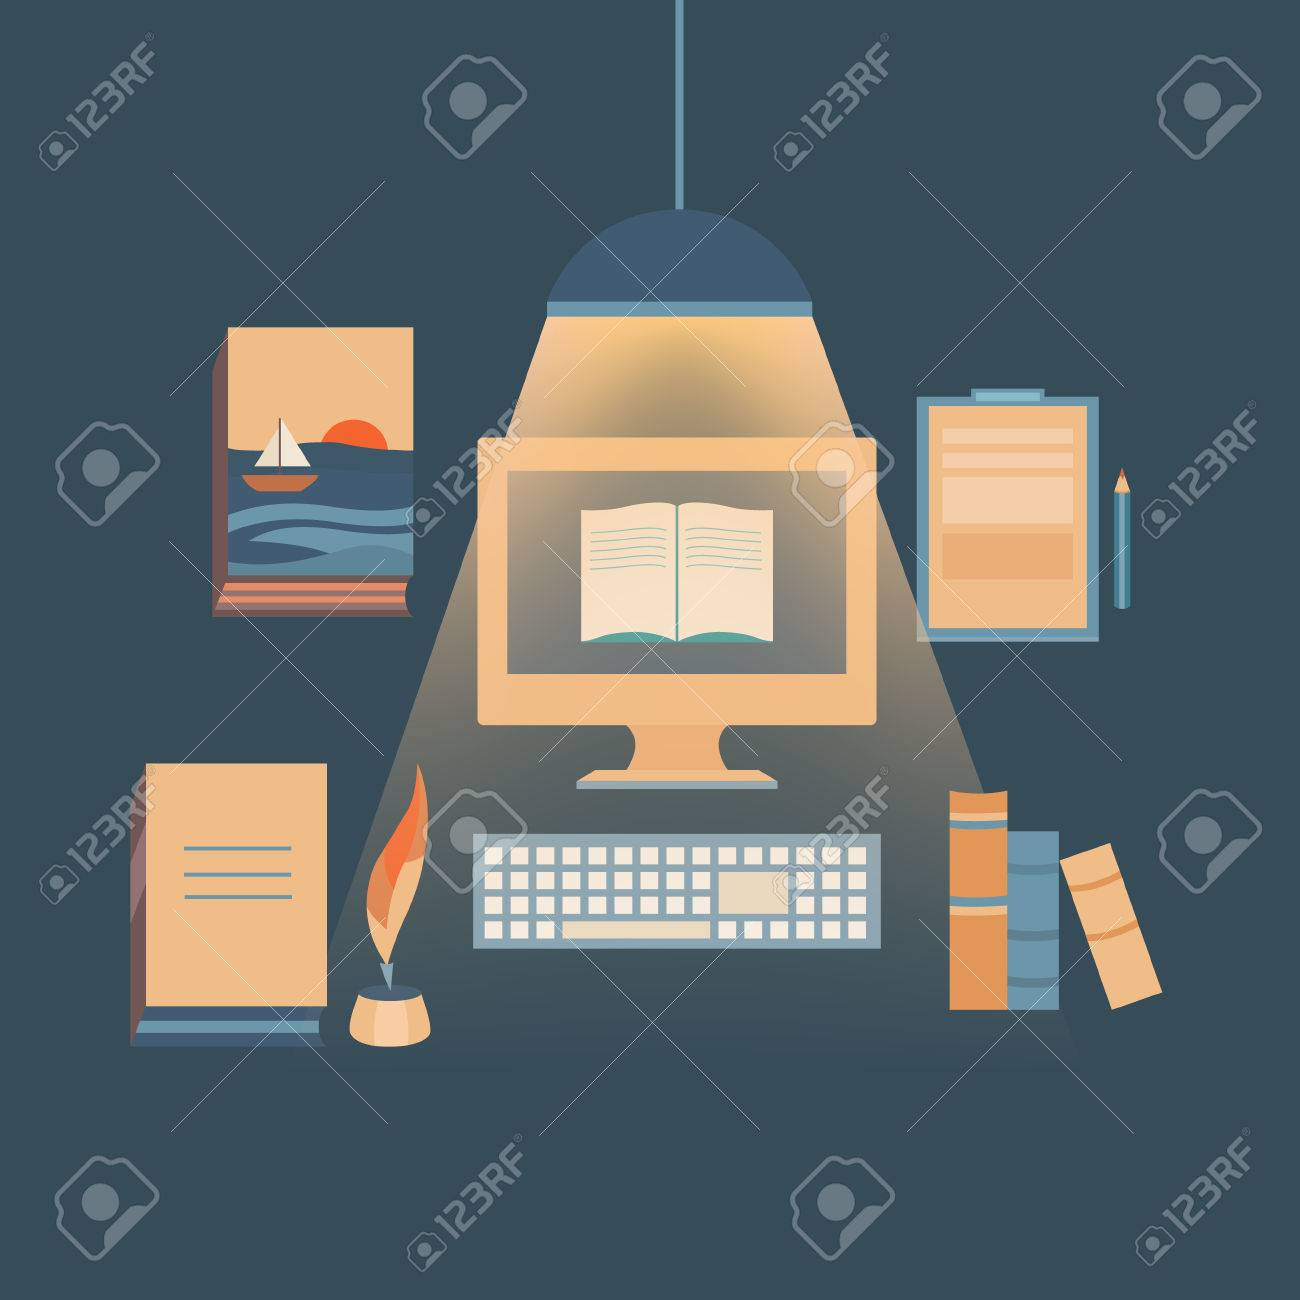 Illustration Bücher Zu Schreiben Und Texten. Set Von Vektor-Objekte ...